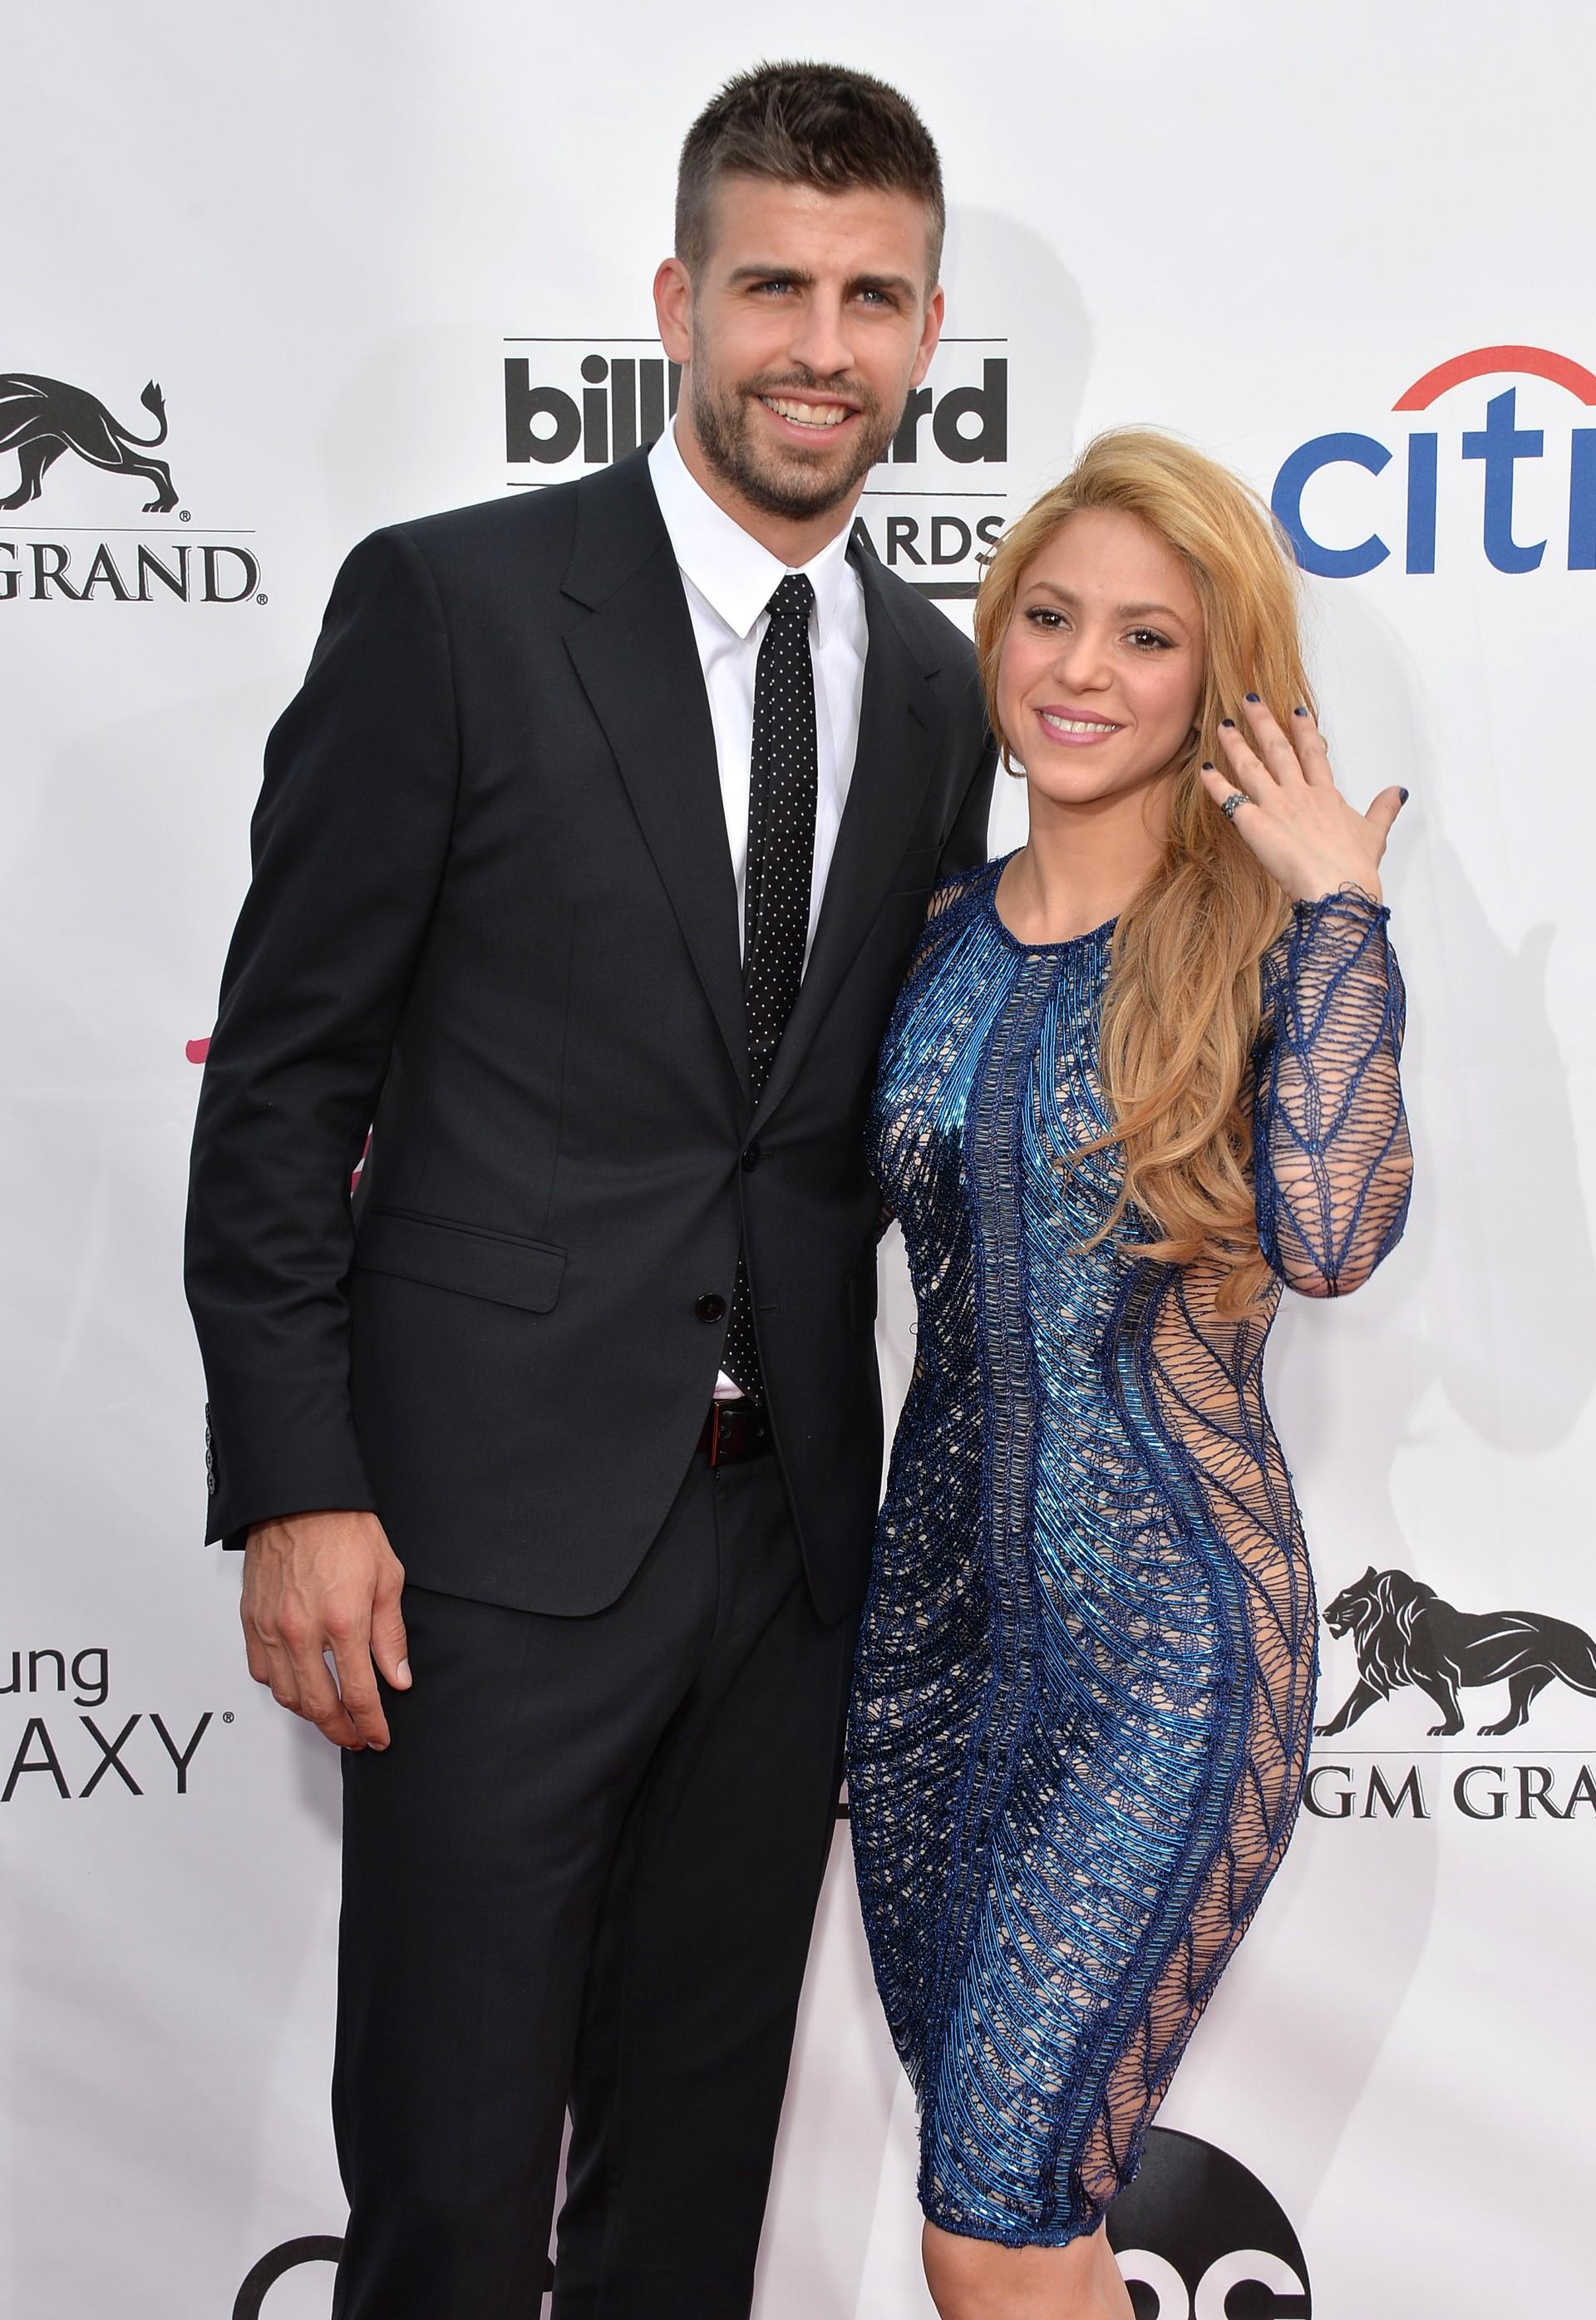 A cantora e embaixadora da UNICEF Shakira está com o jogador de futebol Piqué desde 2010. O filho do casal, Milan, faz sucesso nas redes sociais com suas bochechas fofas. (Foto: Getty Images)